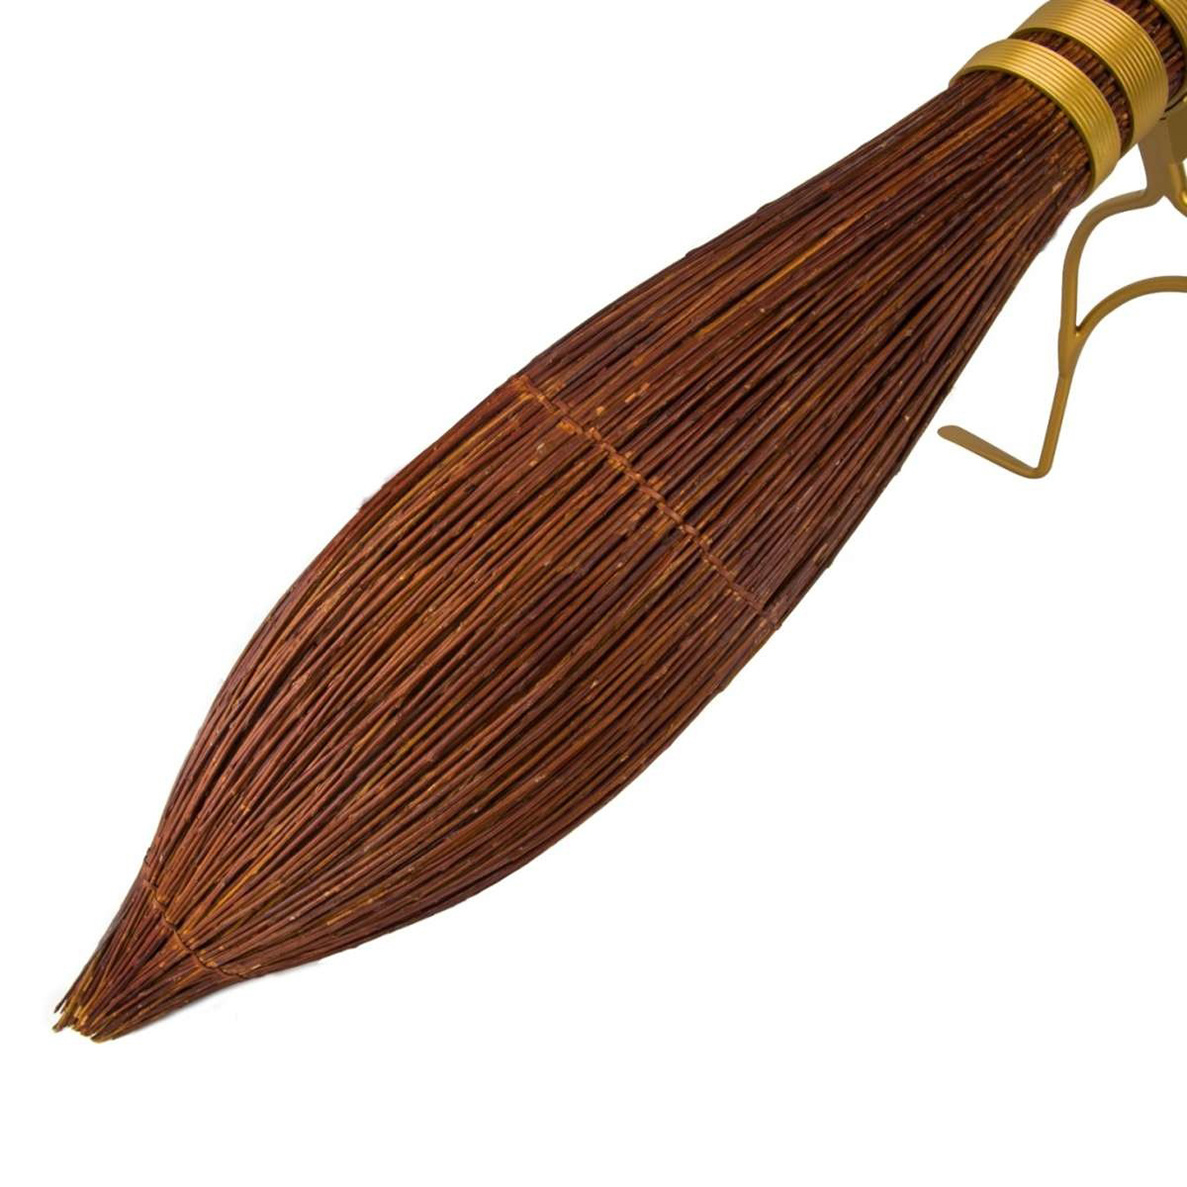 Harry Potter: Nimbus 2000 Magic Broom Replica - 2019 Edition